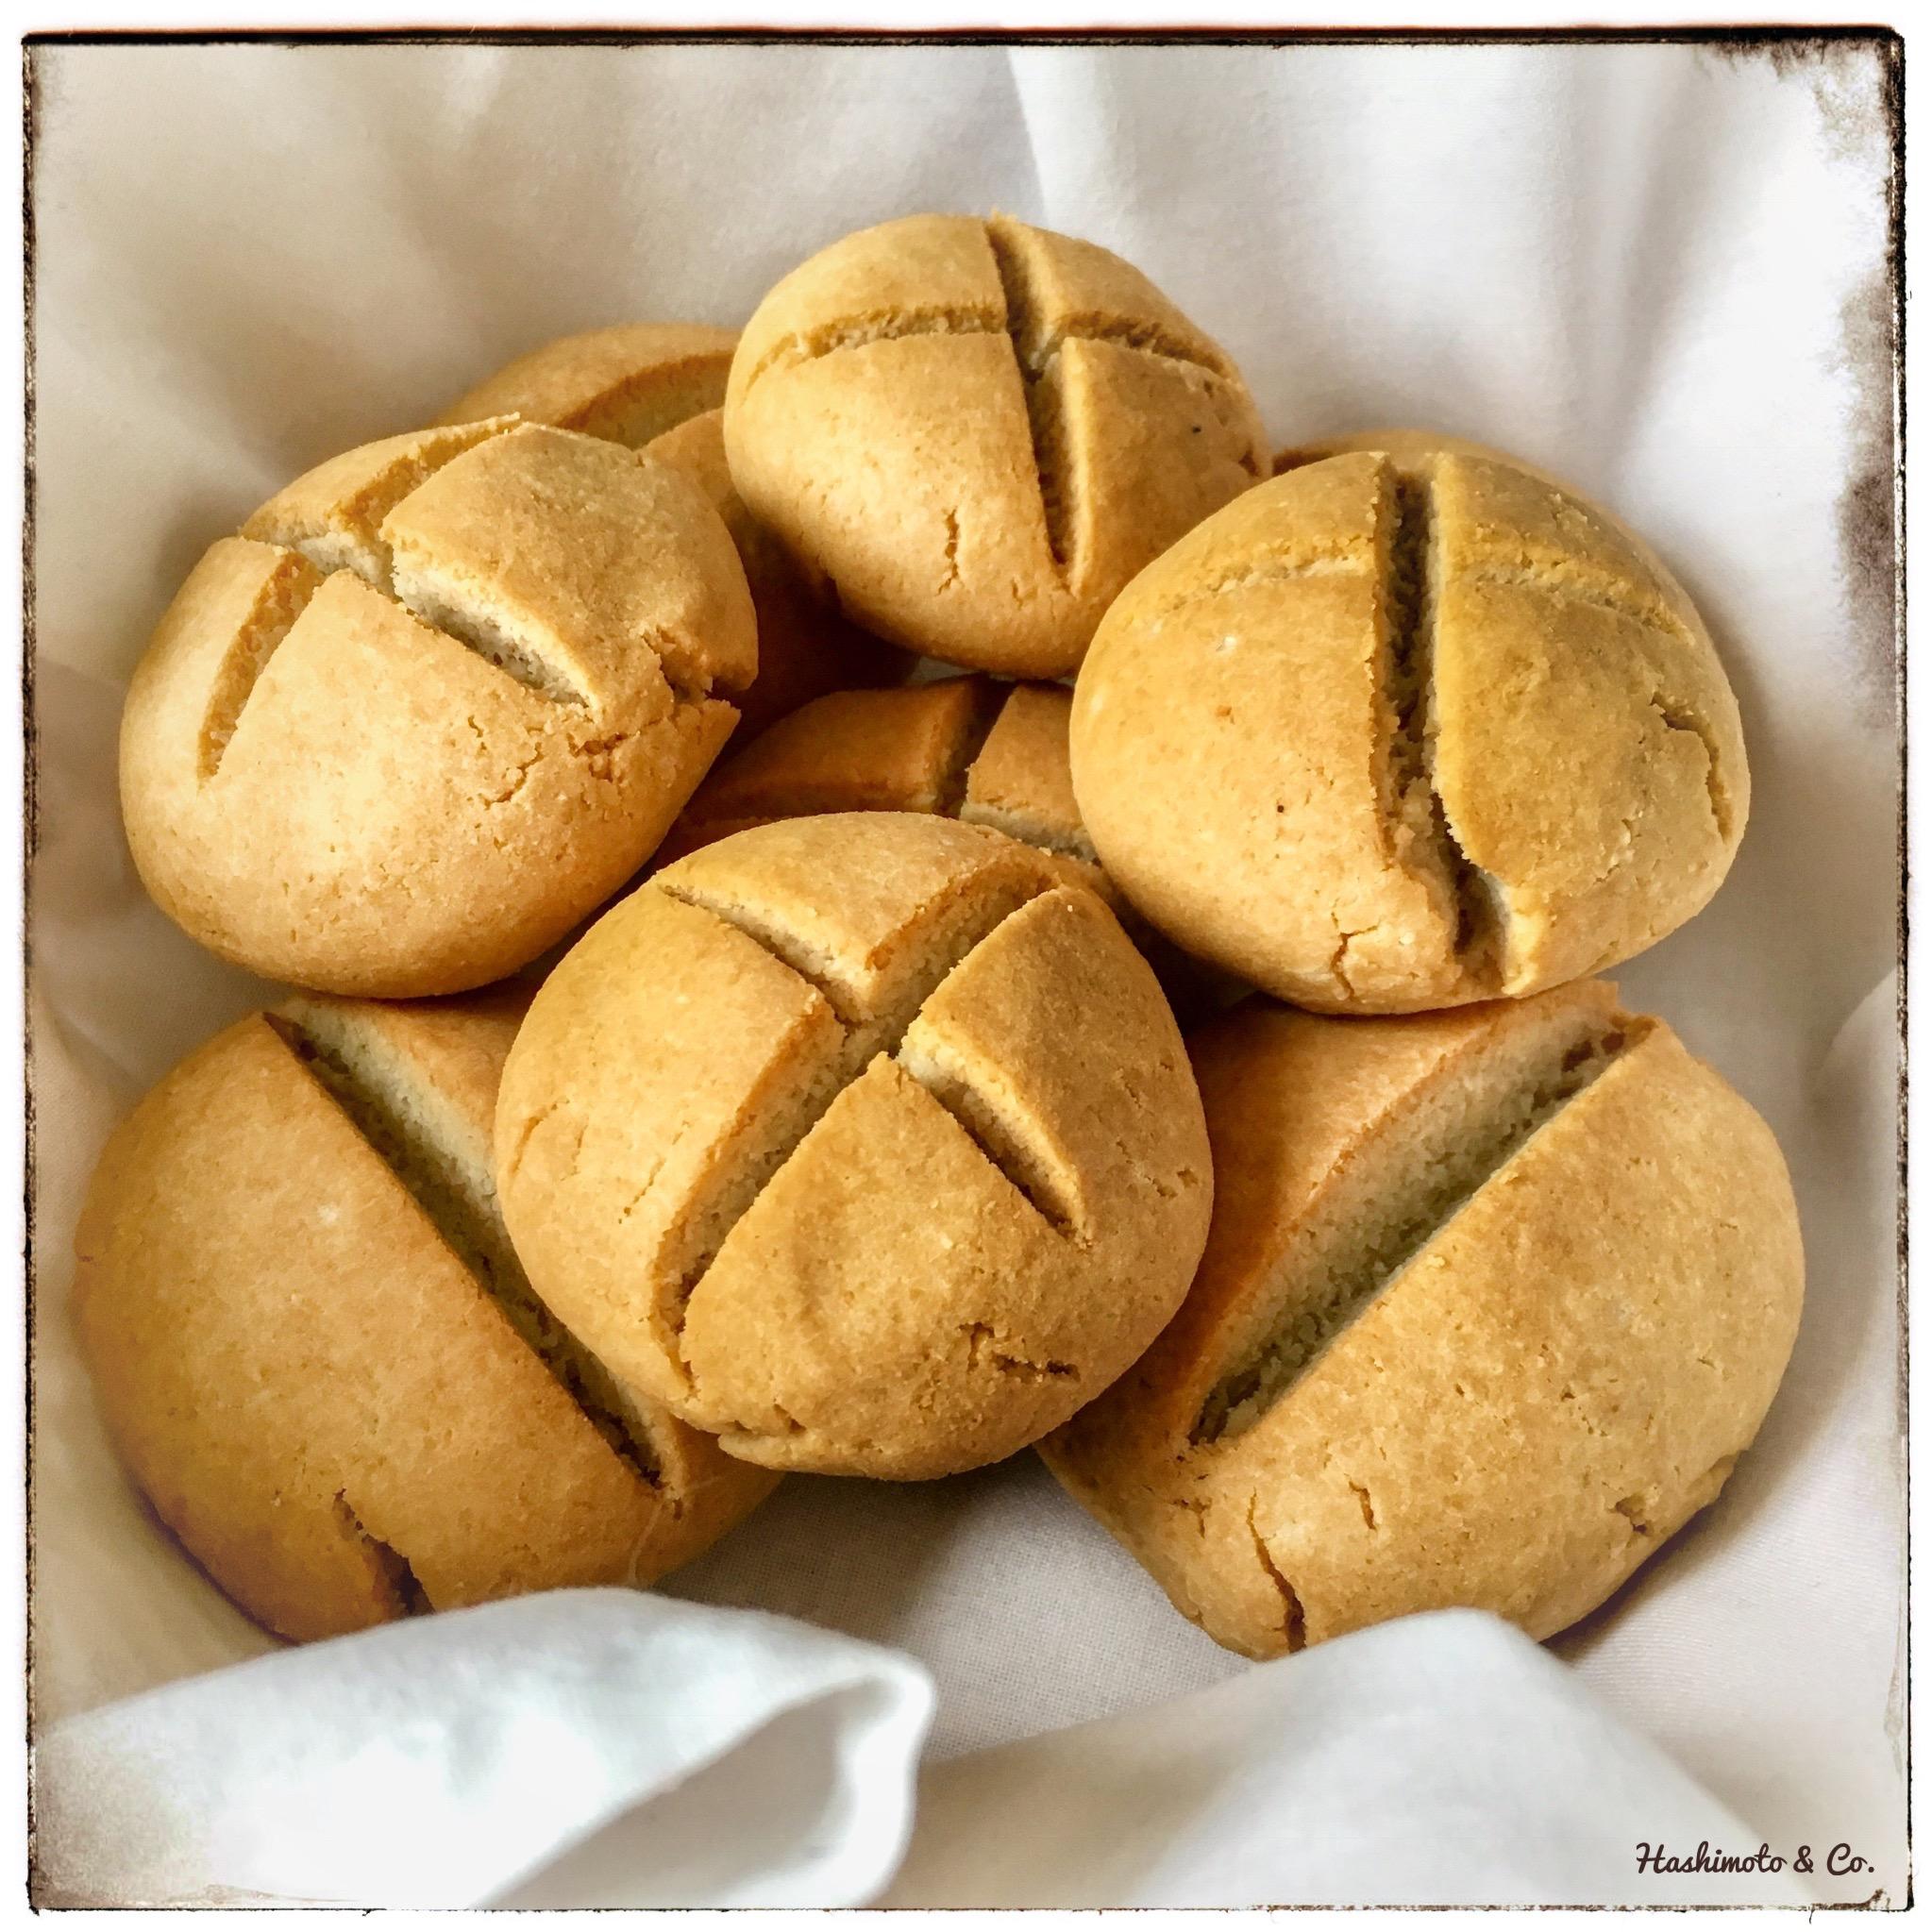 AIP Rezepte AIP-freundliche Sonntagsbrötchen. Sie werden auf Basis von Kokosmehl und Tapiokastärke schnell und einfach zubereitet! Probieren und unbeschwert genießen!